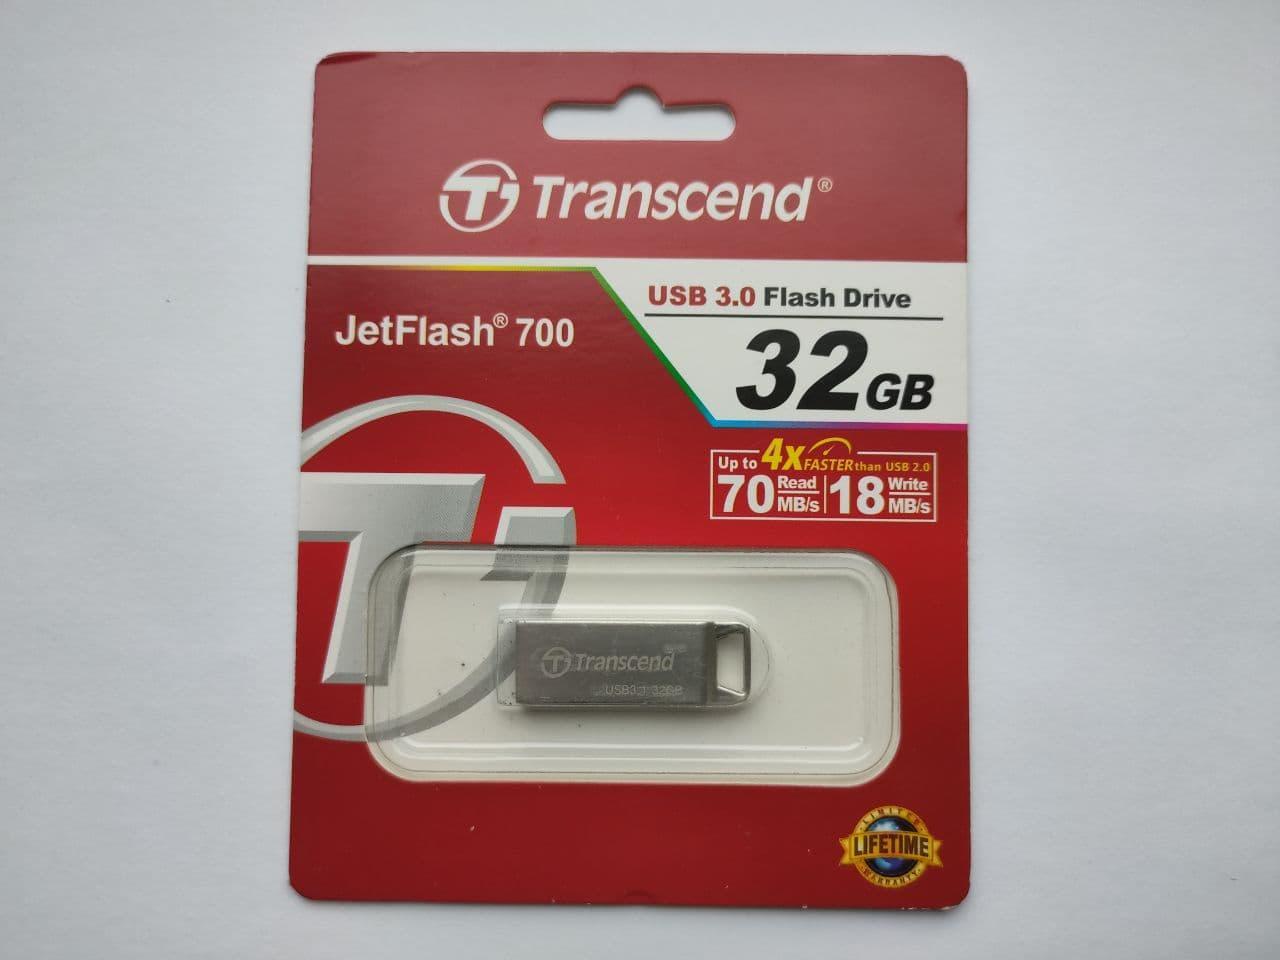 USB флеш накопичувач Transcend 32GB TRANSCEND JetFlash 700 USB3.0